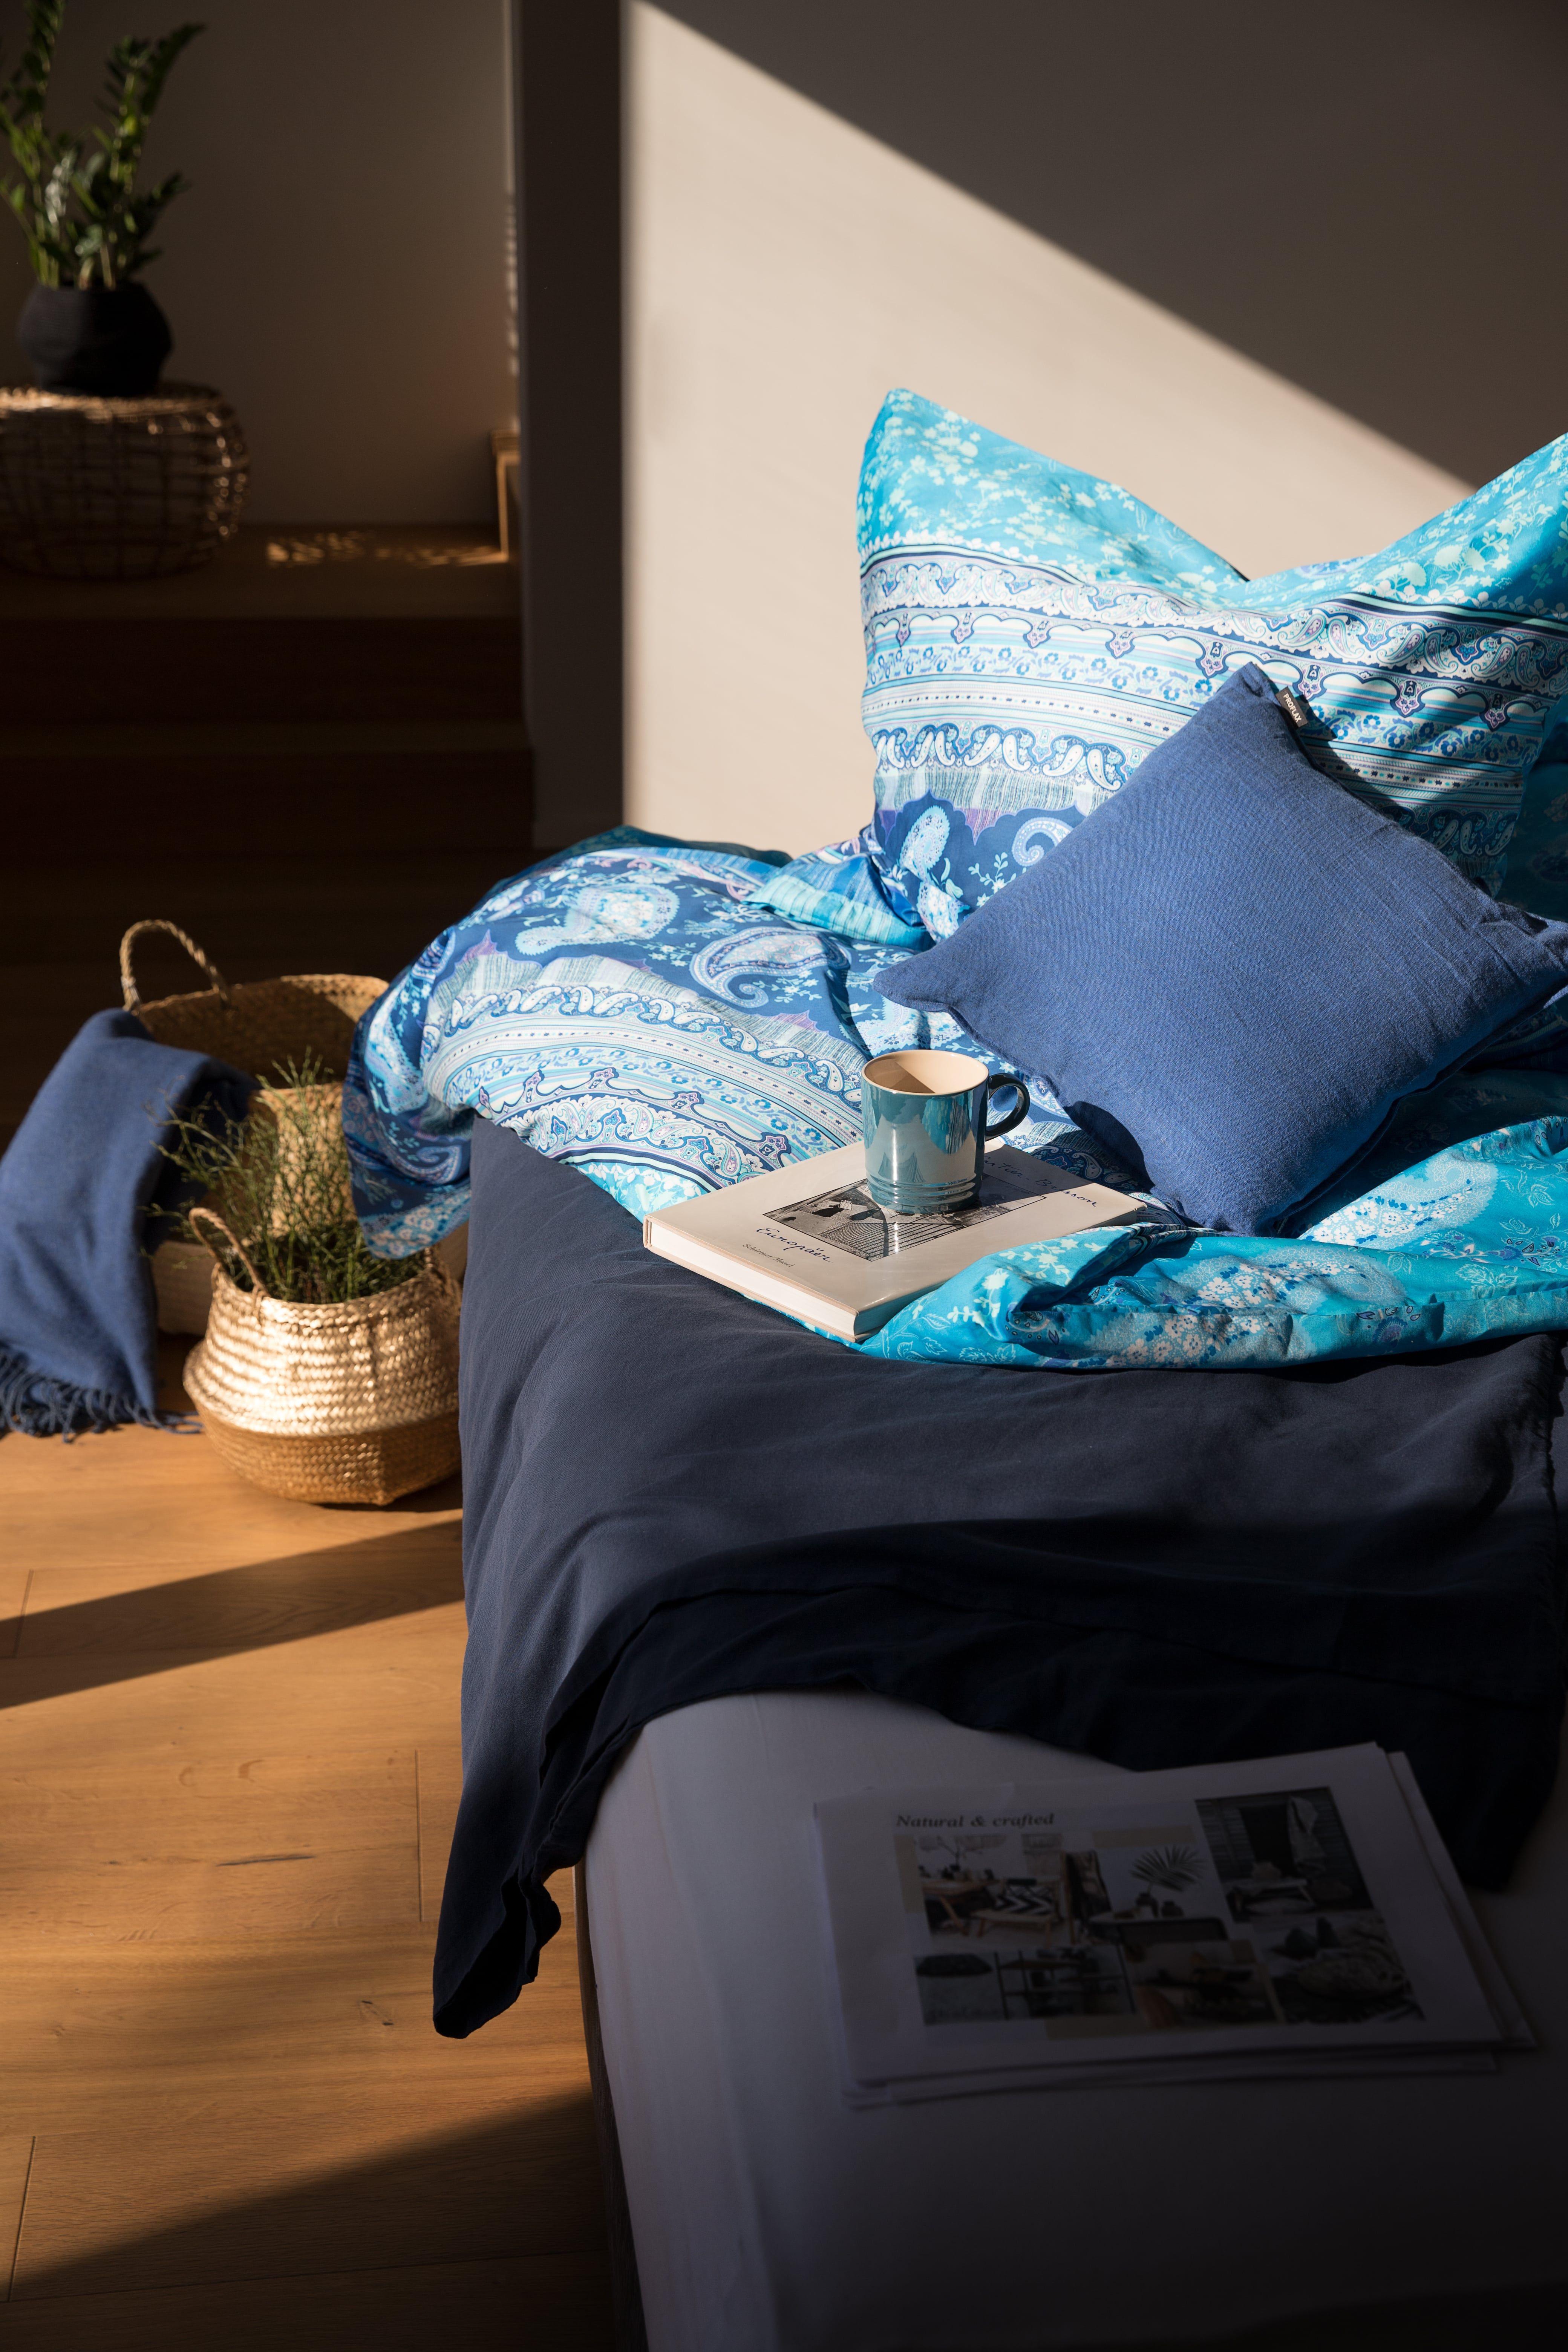 Breuninger Homeandliving Sleepingbeauty Bassetti Bettwäsche